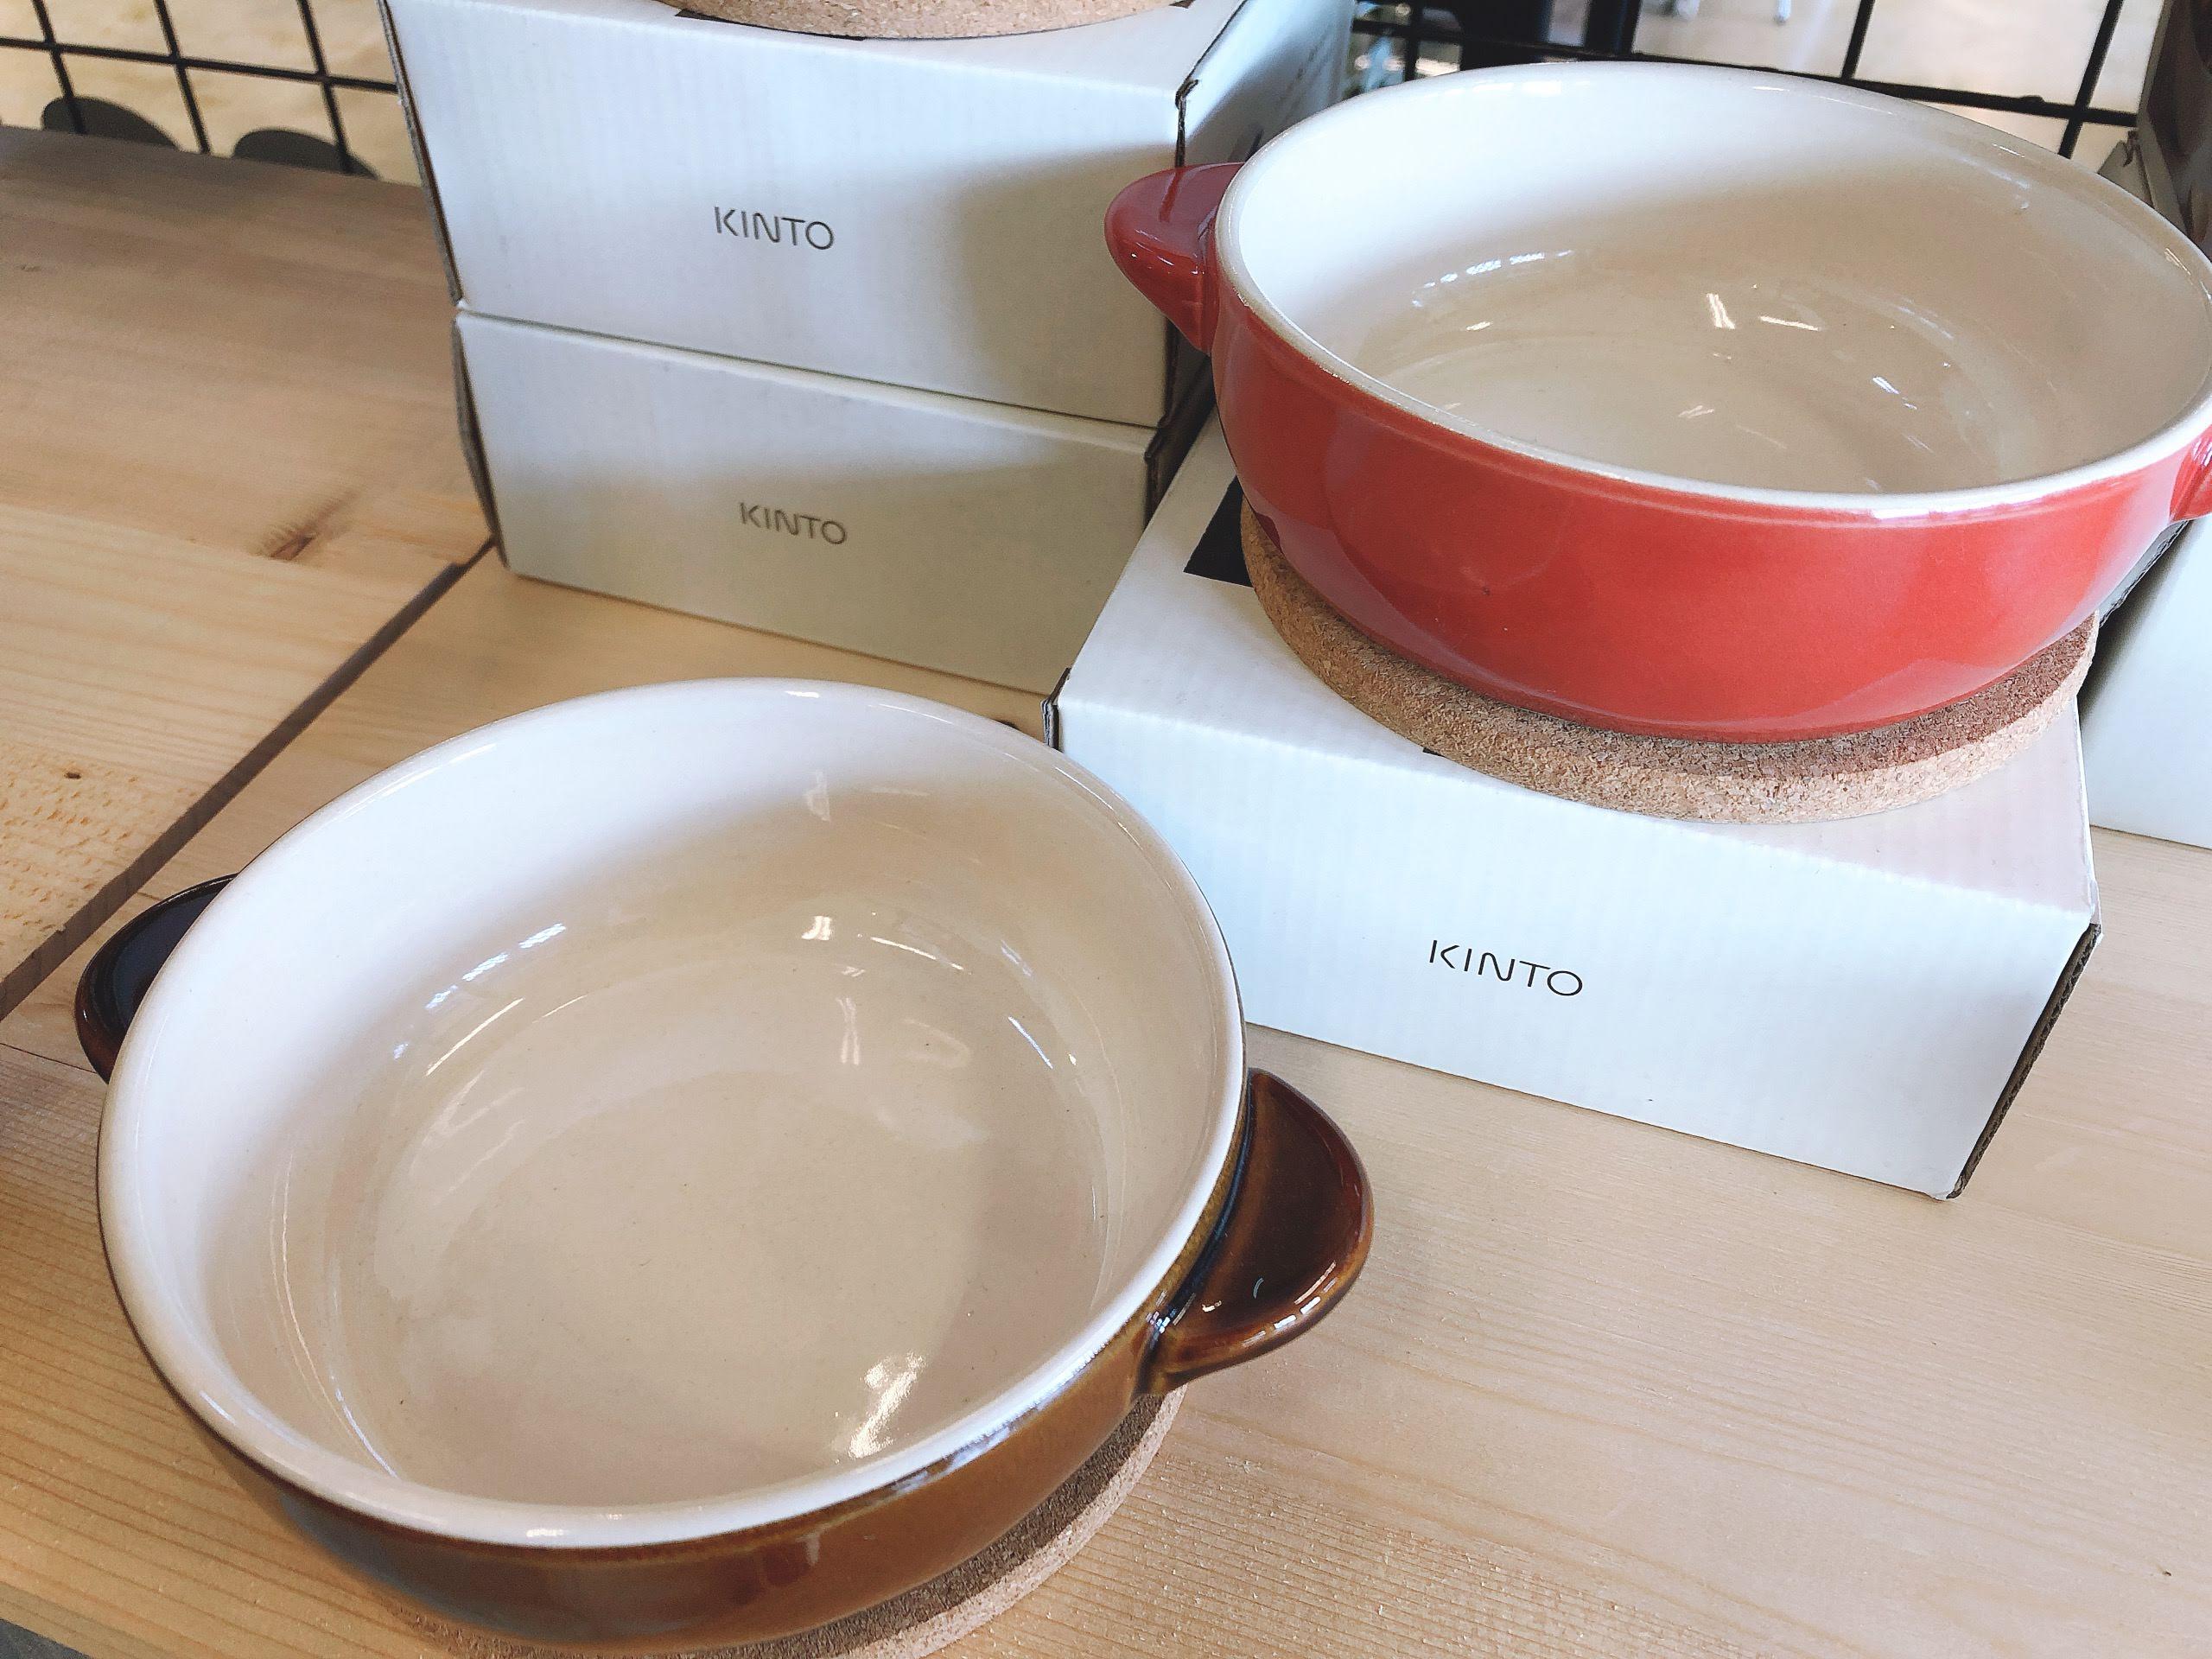 キント―  丸グラタン皿・オーバルグラタン皿・スープボウル 雑貨売り切り特価の画像2